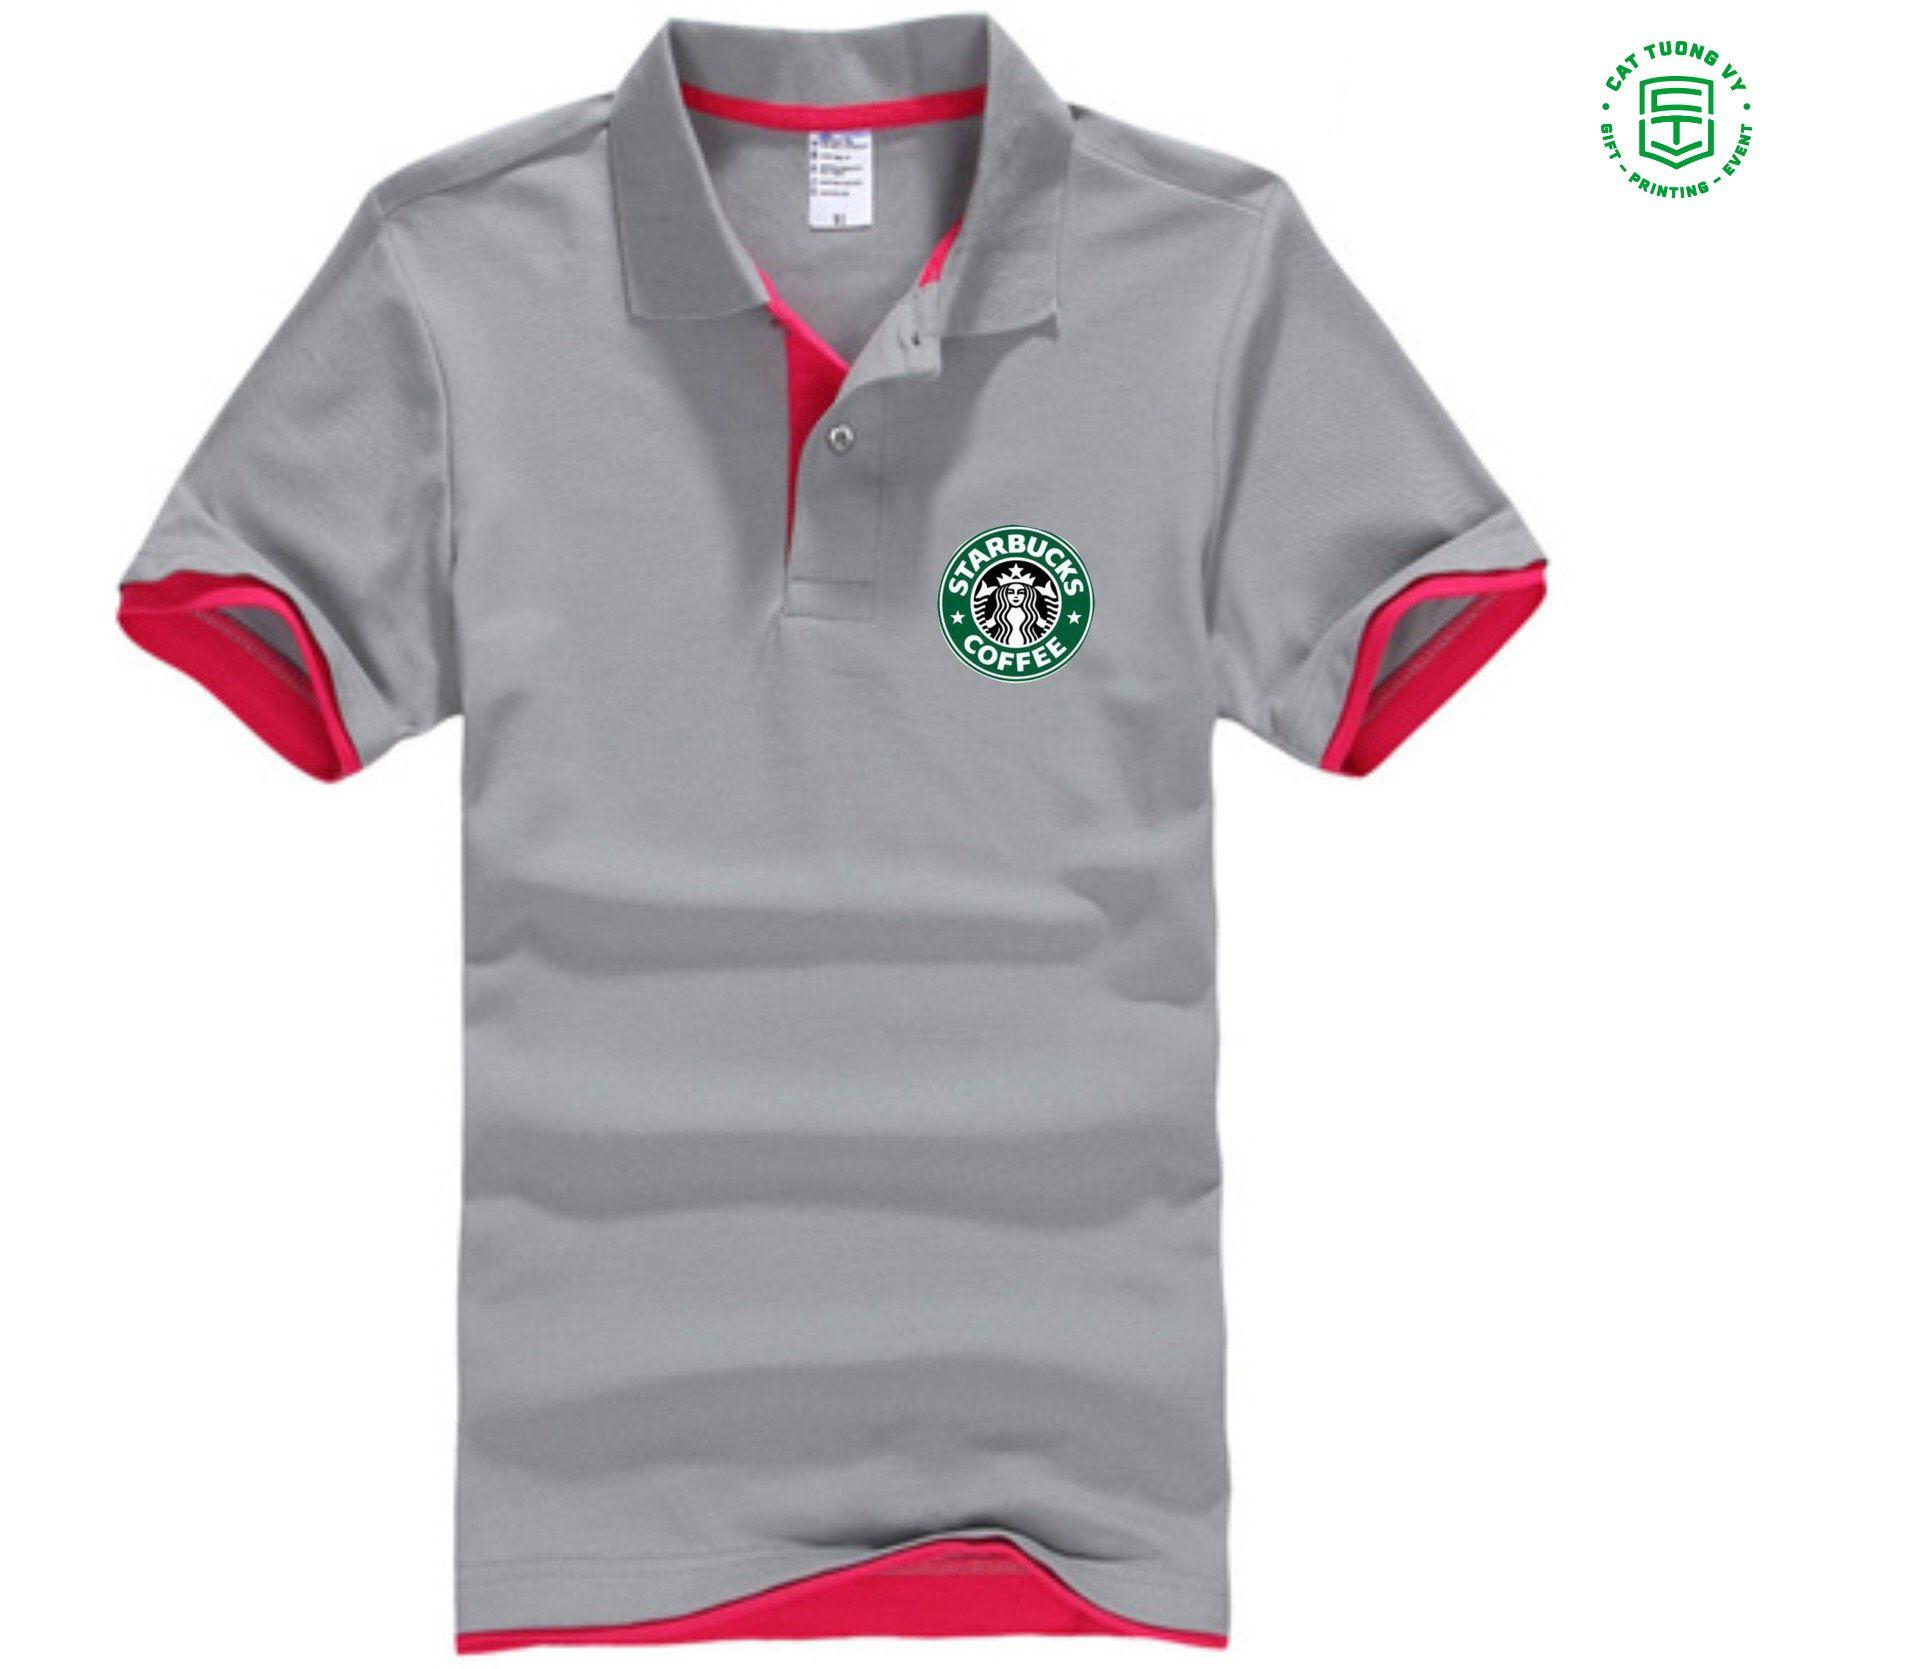 Thiết kế và sản xuất đồng phục công sở giá rẻ tại Tp Hồ Chí Minh